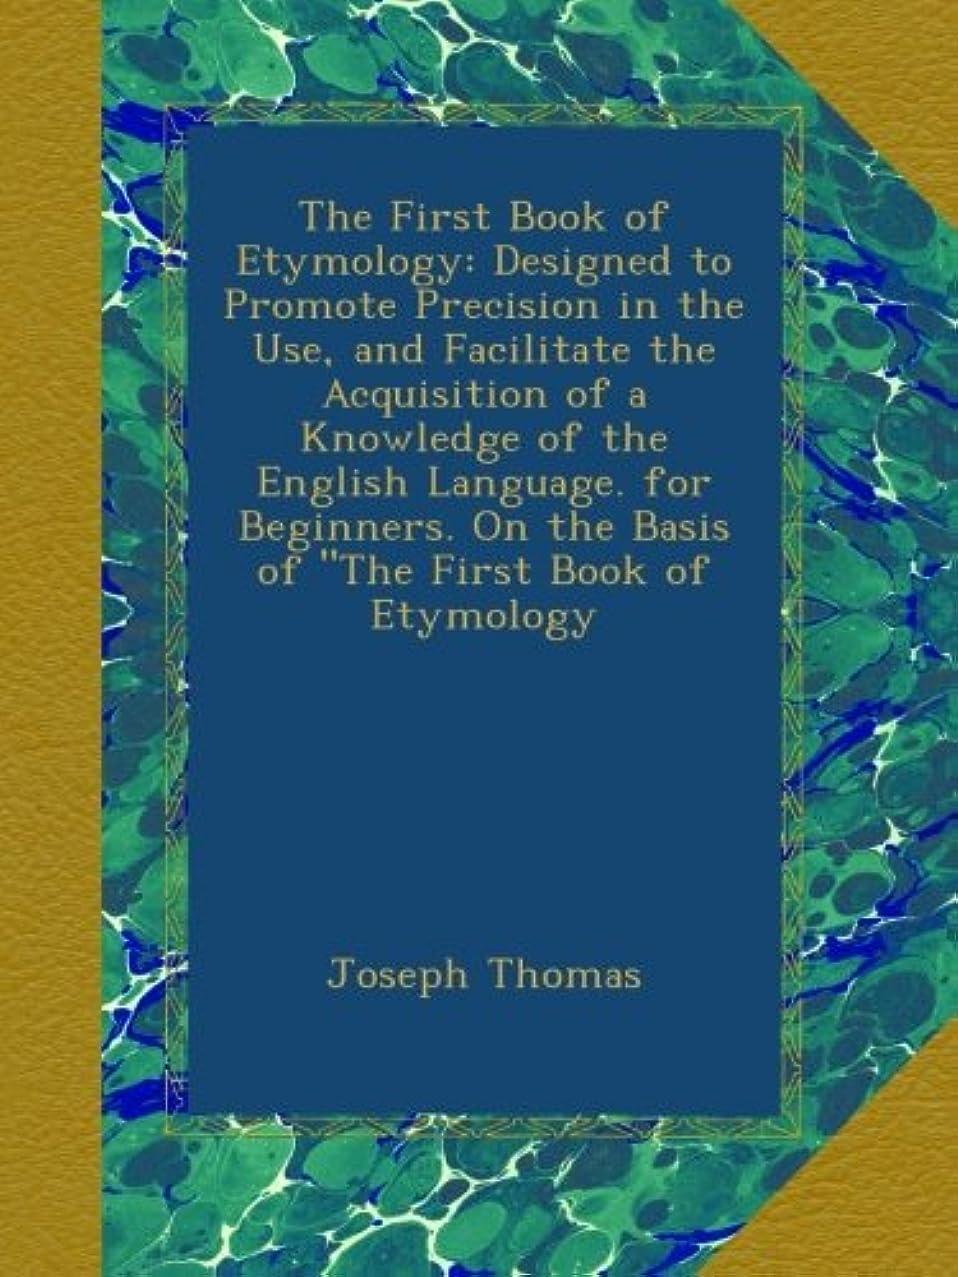 鈍い彼女のモスクThe First Book of Etymology: Designed to Promote Precision in the Use, and Facilitate the Acquisition of a Knowledge of the English Language. for Beginners. On the Basis of